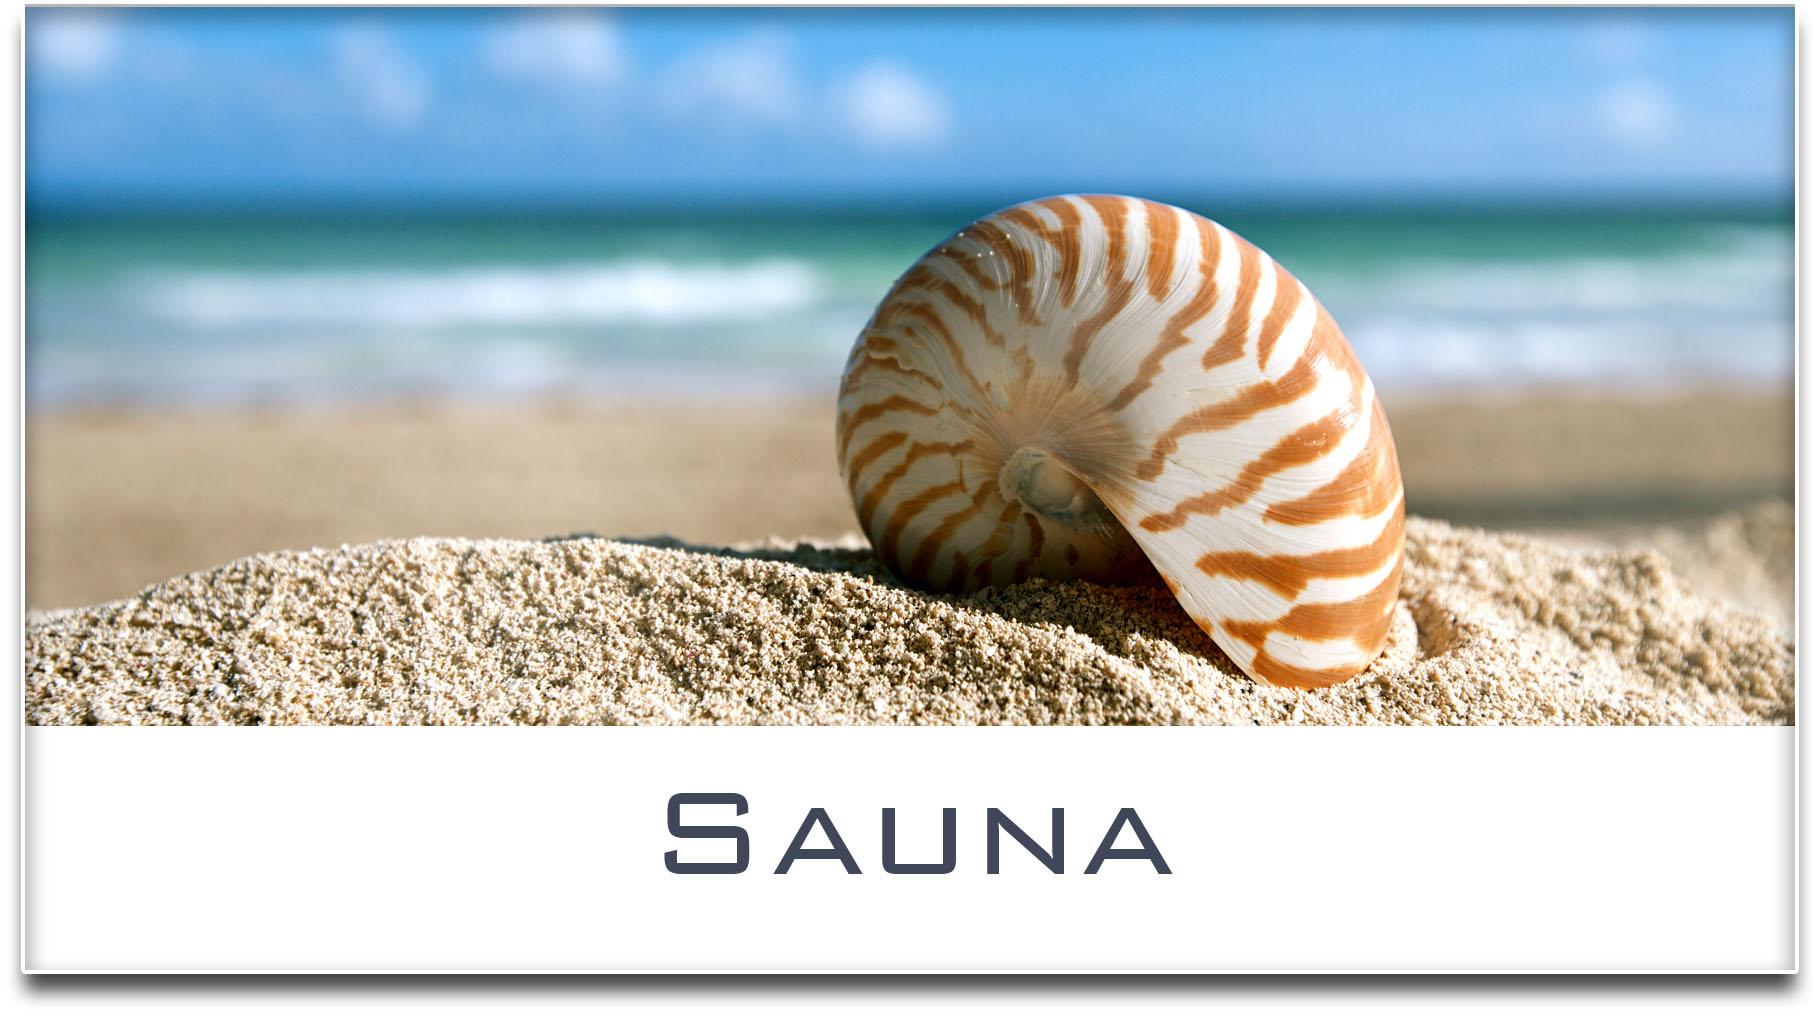 Türschild / Haustürschild / Muschel / Strand / Sauna / Selbstklebend